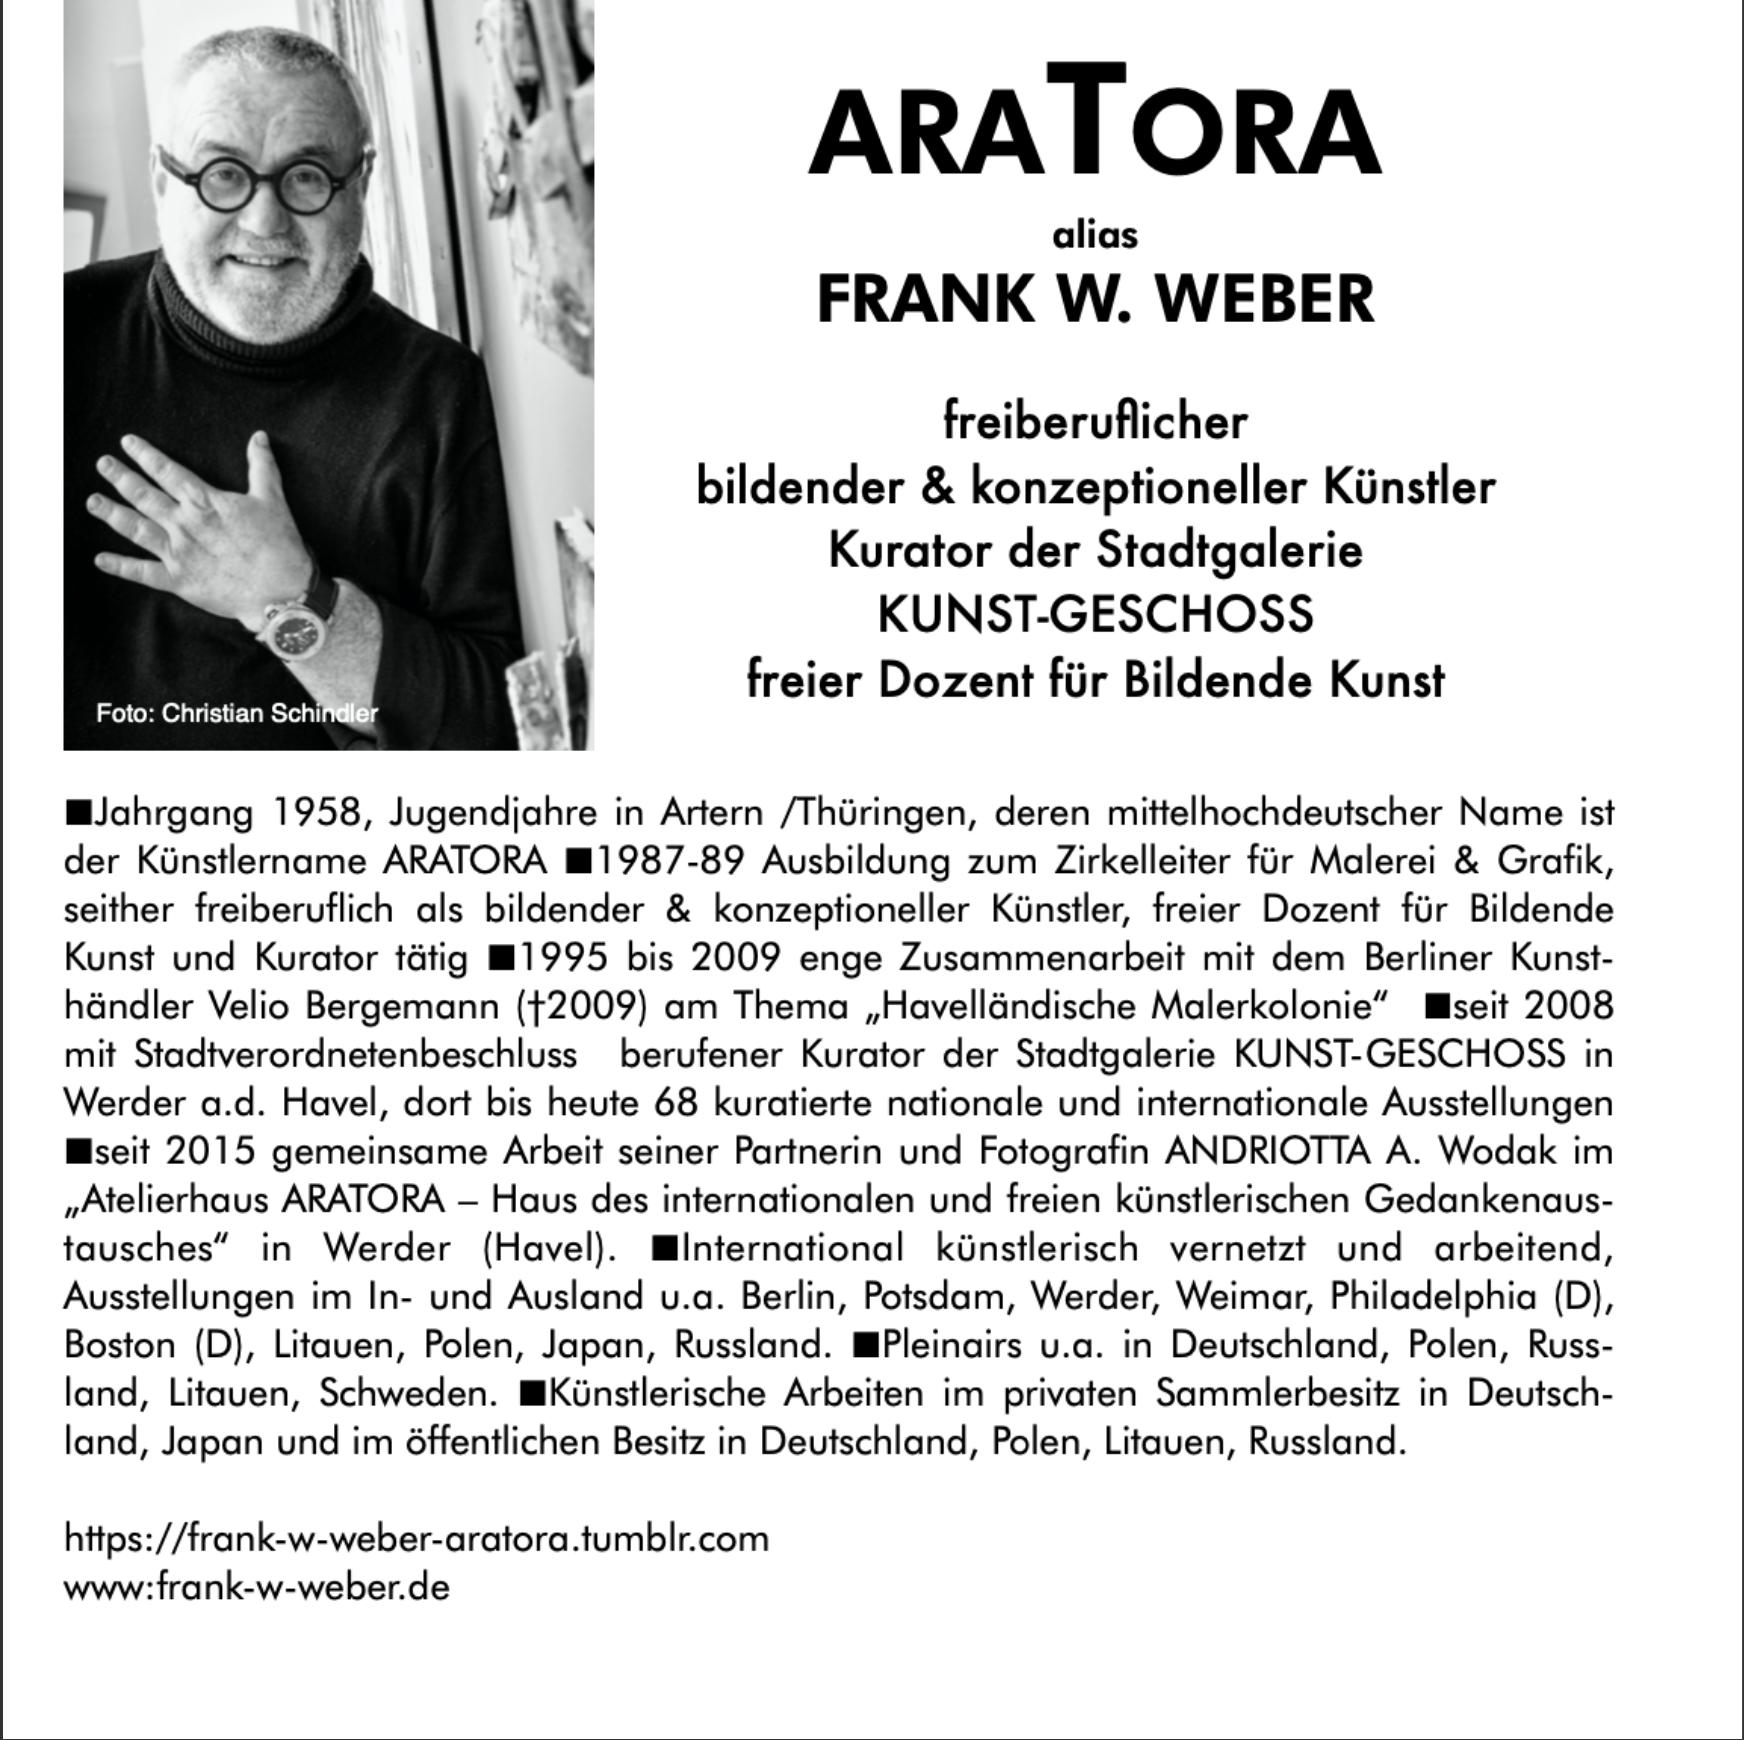 Künstler Frank W. Weber, SchlossGalerie Haape